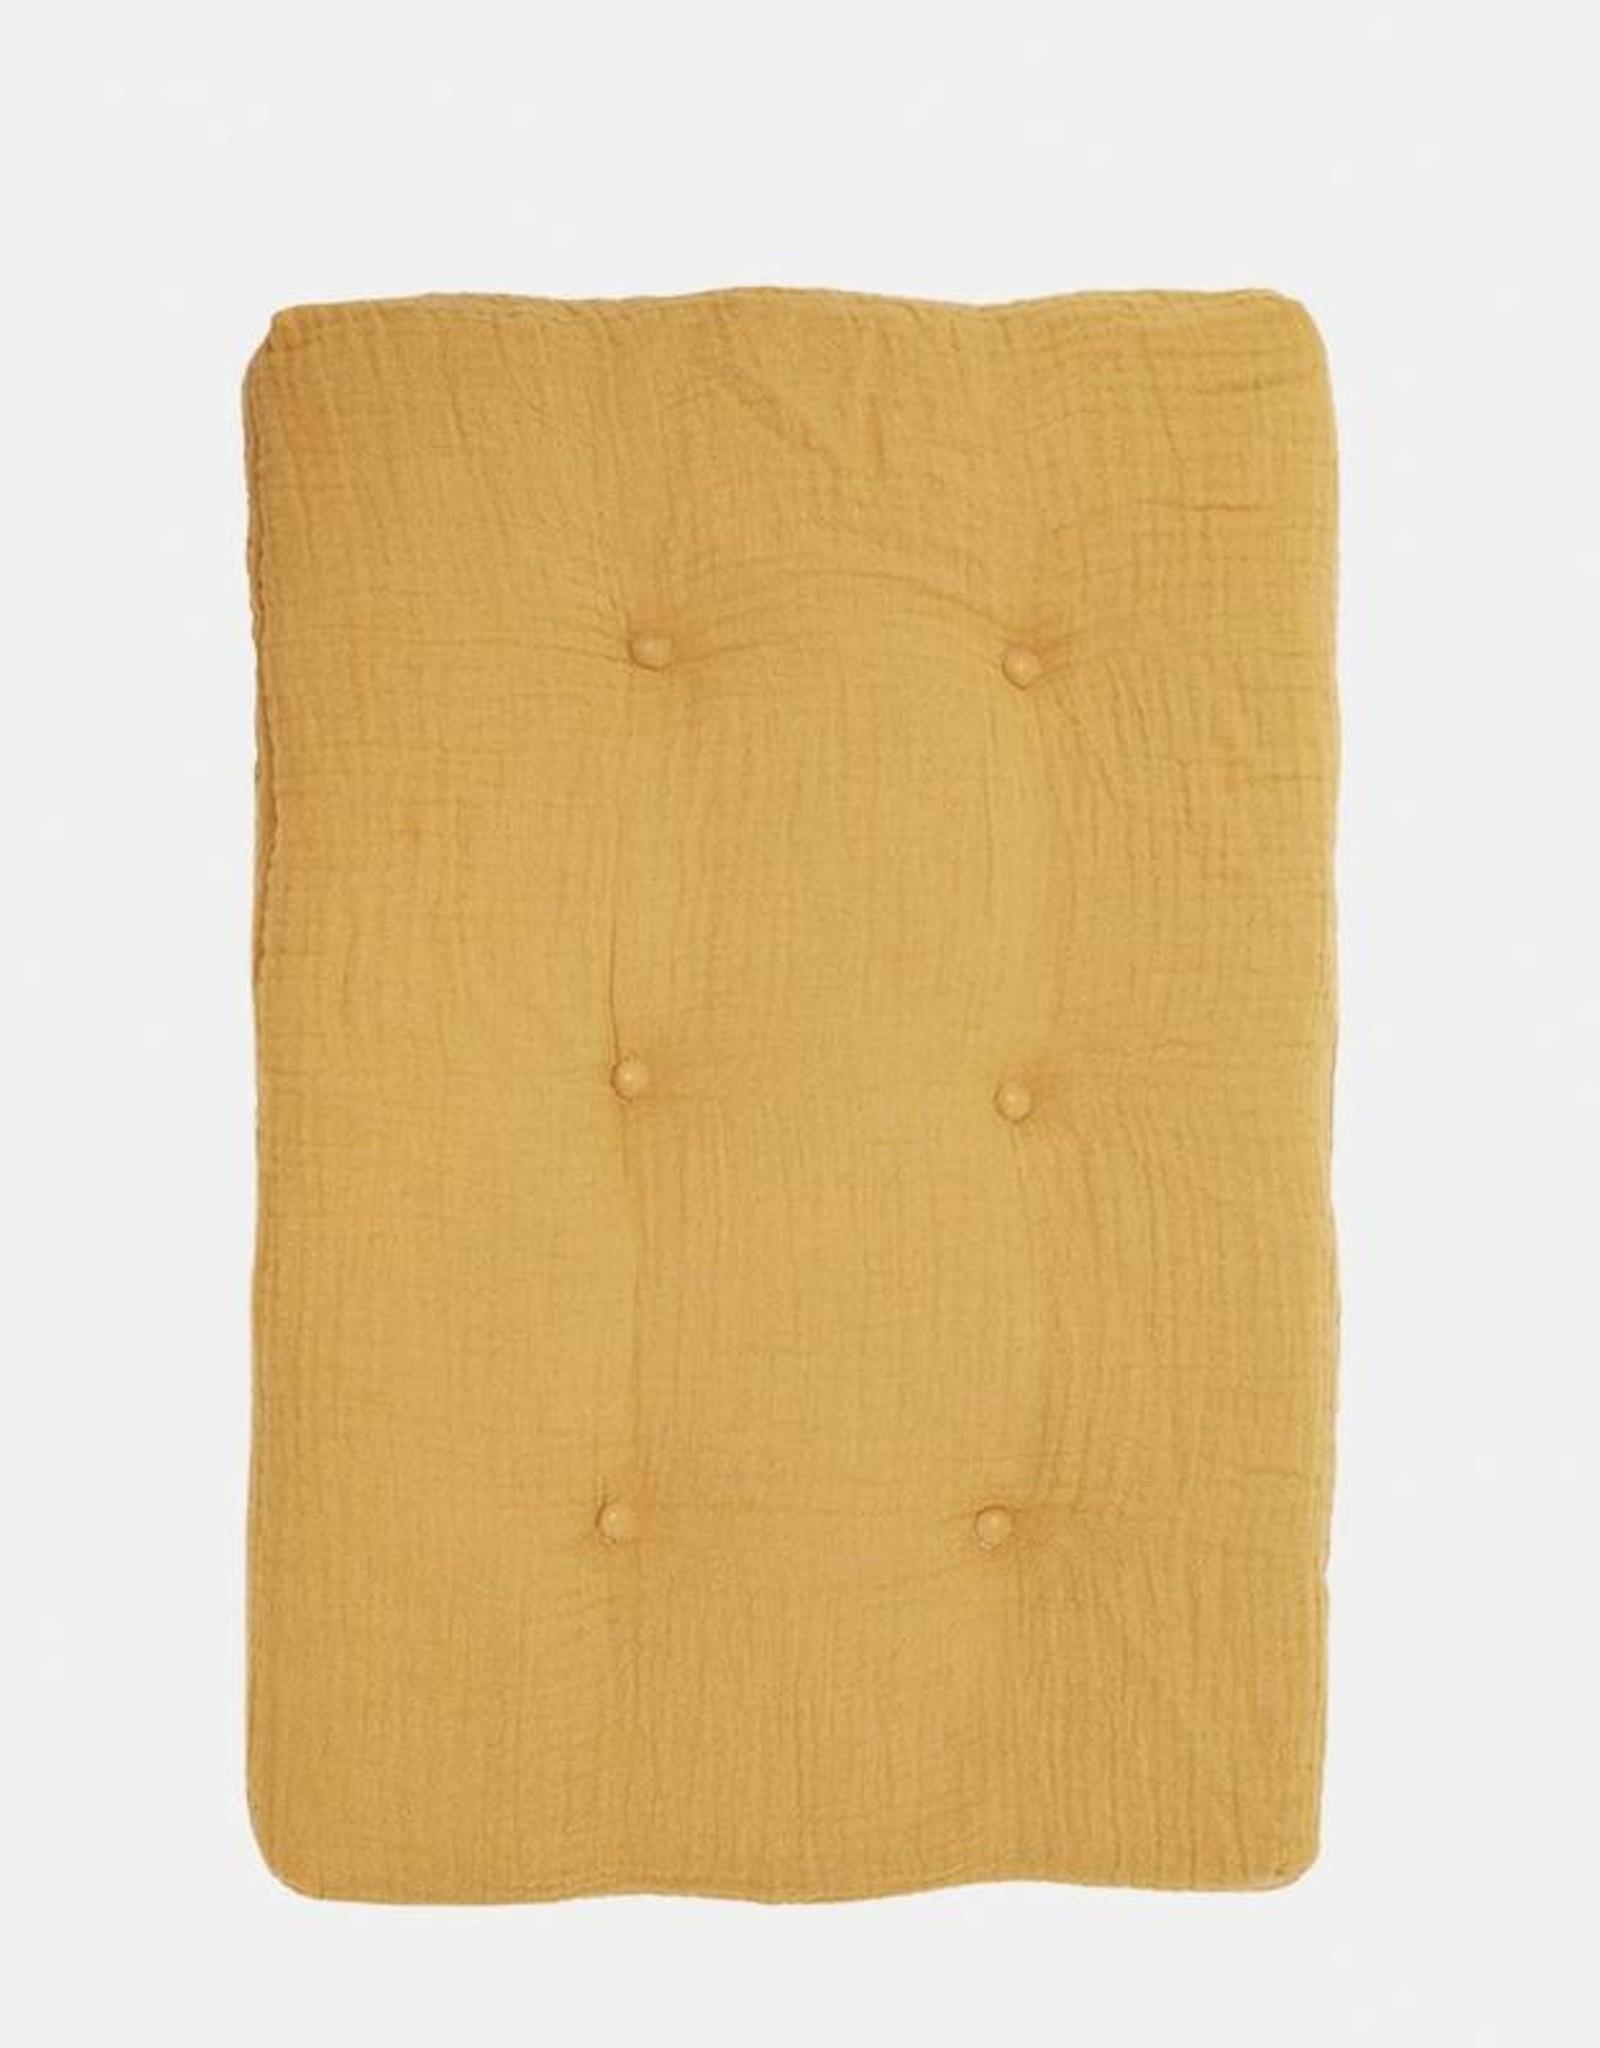 Olli Ella Olli Ella - Strolley Mattress - Mustard